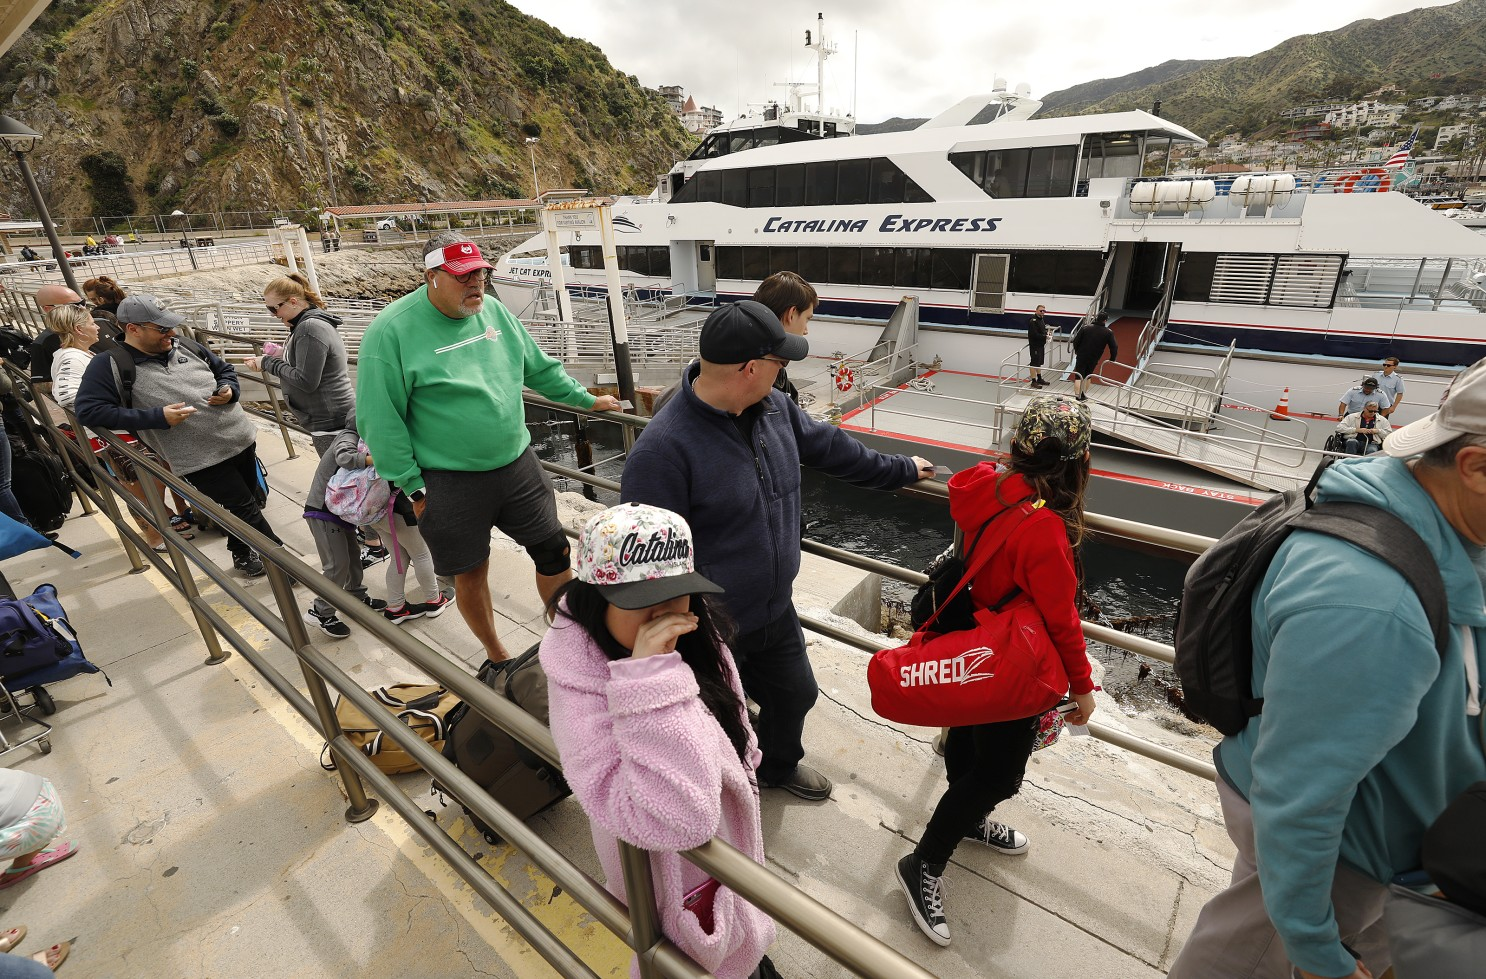 民眾準備搭船前往卡塔利娜島。(圖片與本案無關)洛杉磯時報